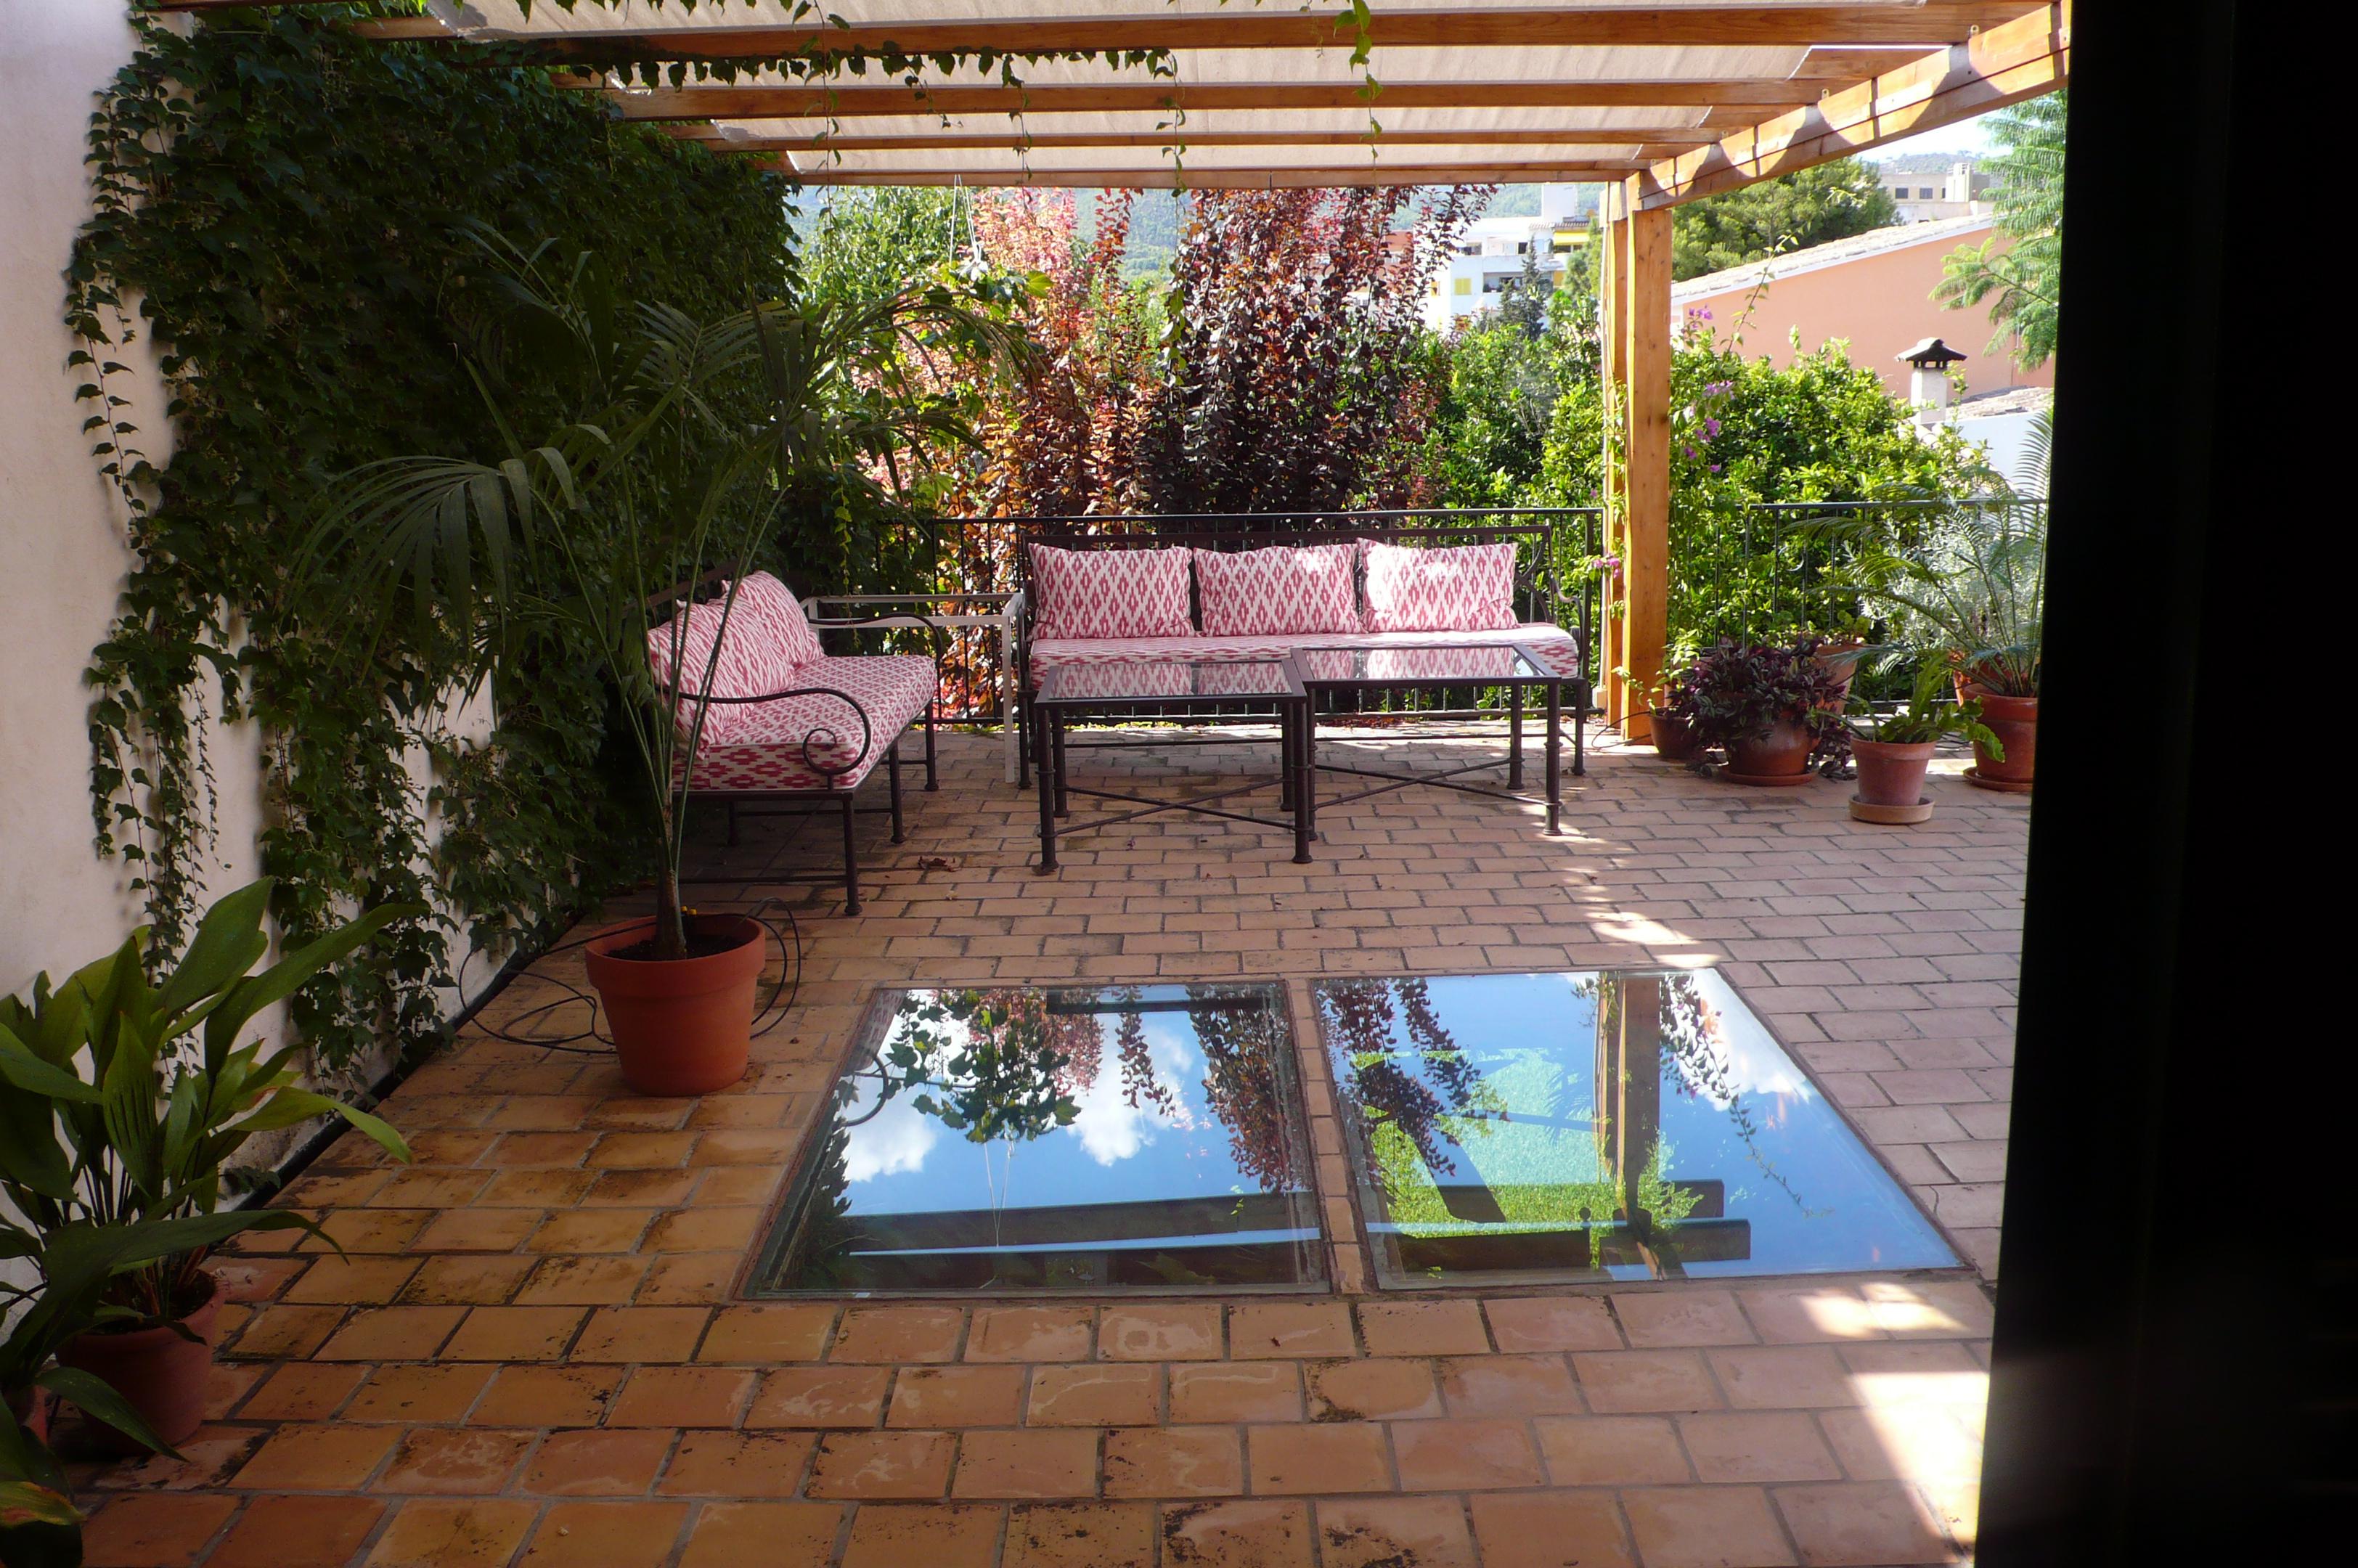 Encantador adosado con piscina y jardín en Palma